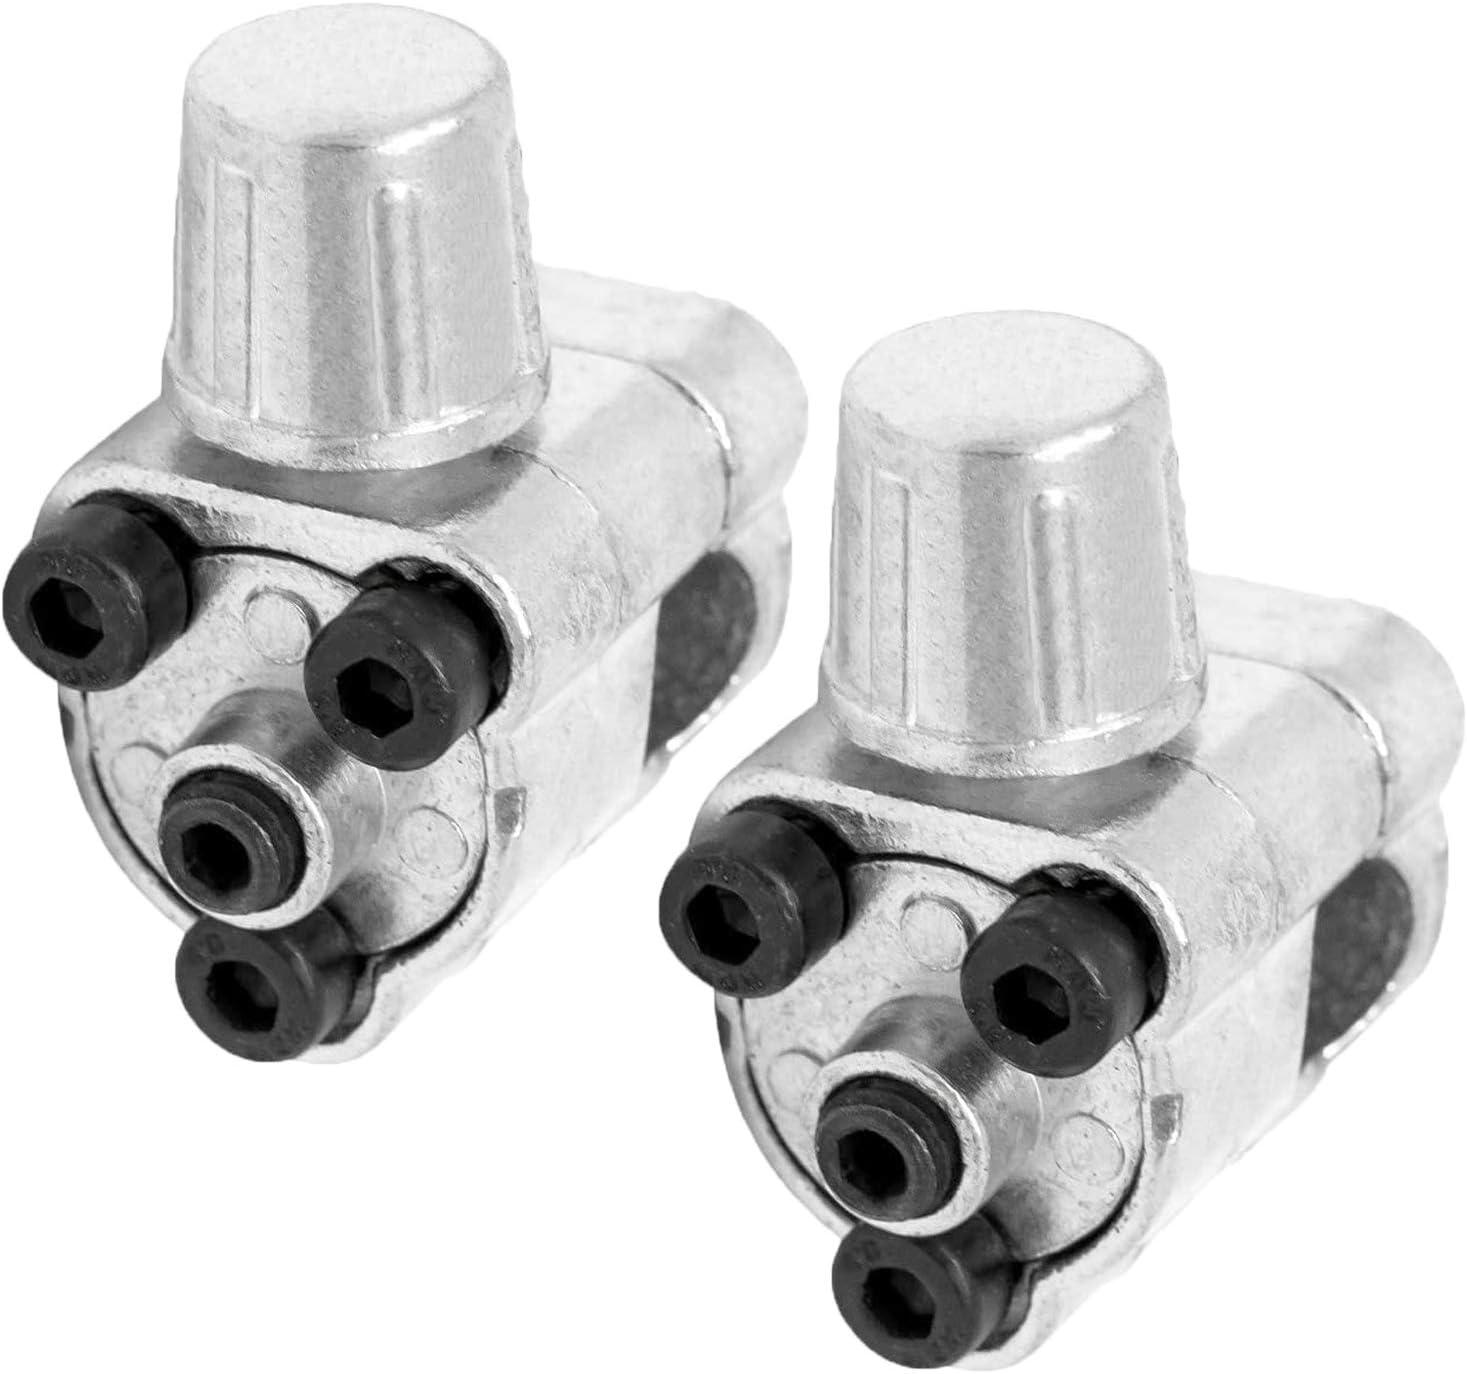 Piercing Bala BPV31 kits de válvula de torneira com medidor de pressão para AP4502525 GPV14 31,38